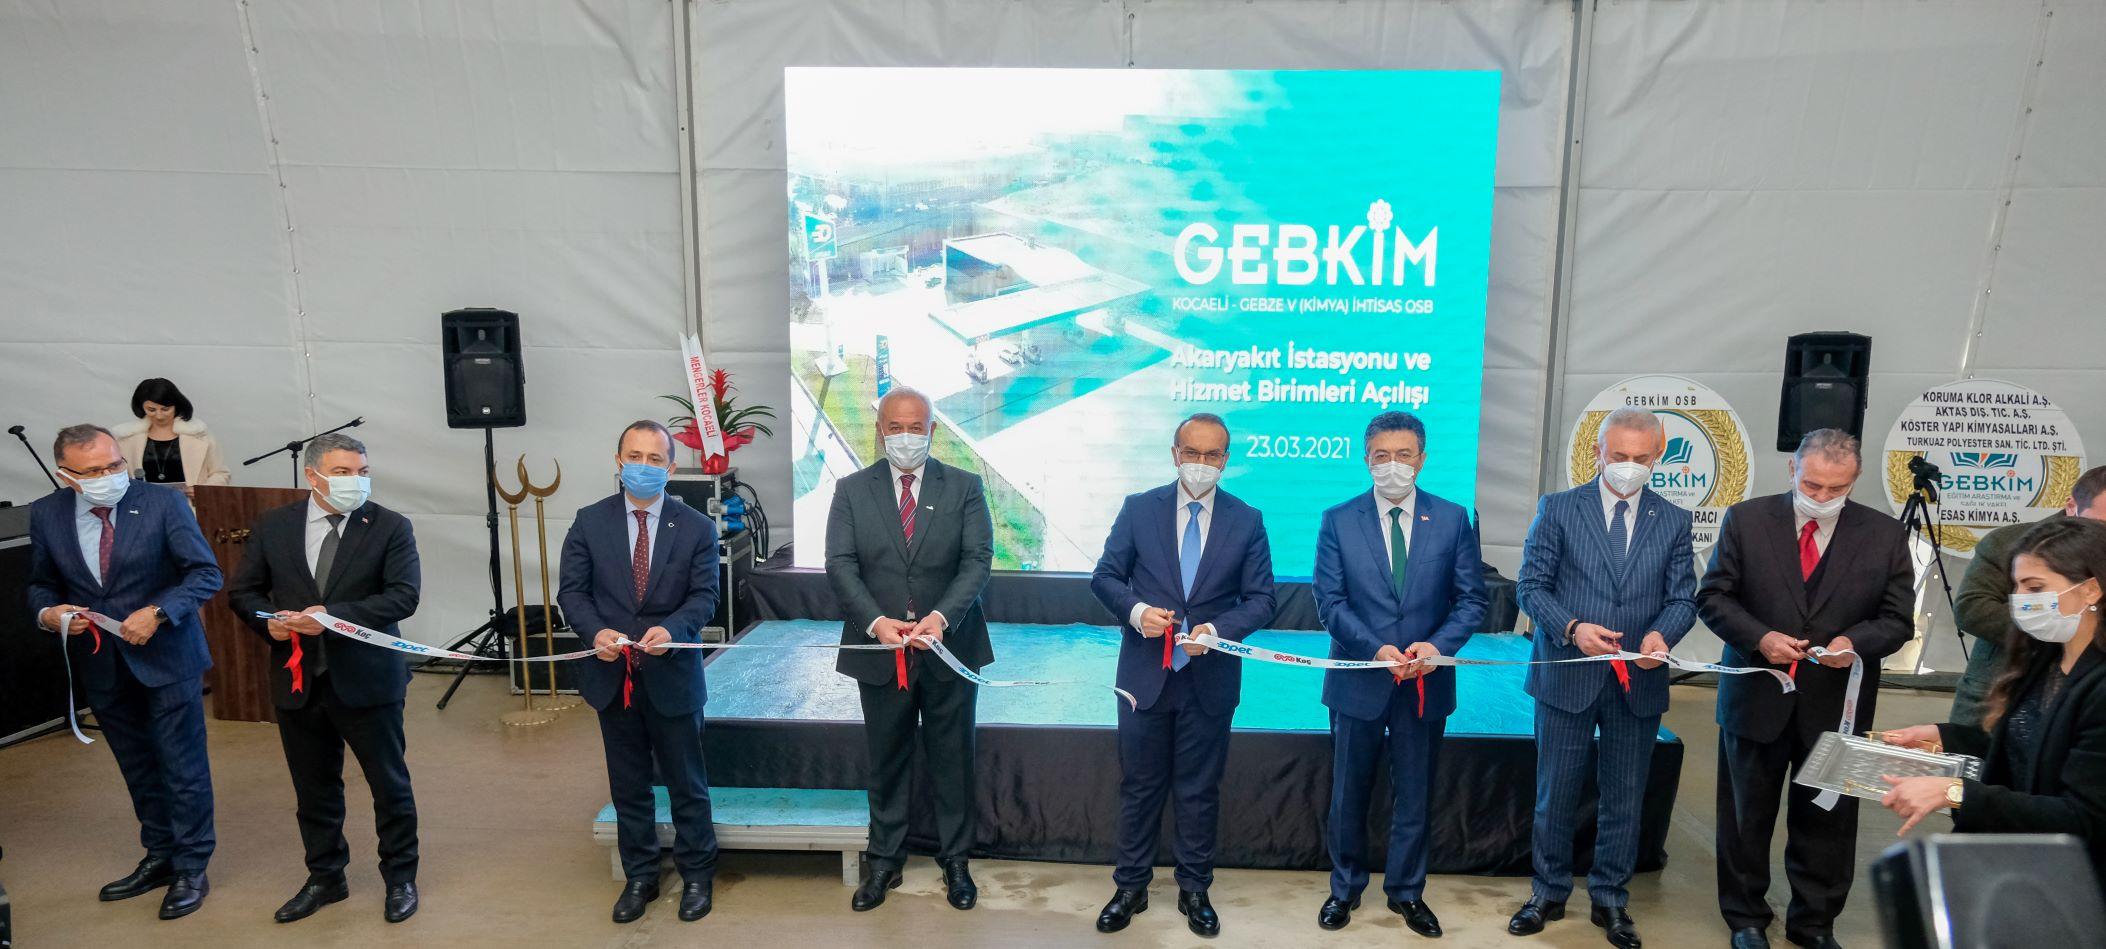 GEBKİM Opet Akaryakıt İstasyonu Hizmete Açıldı